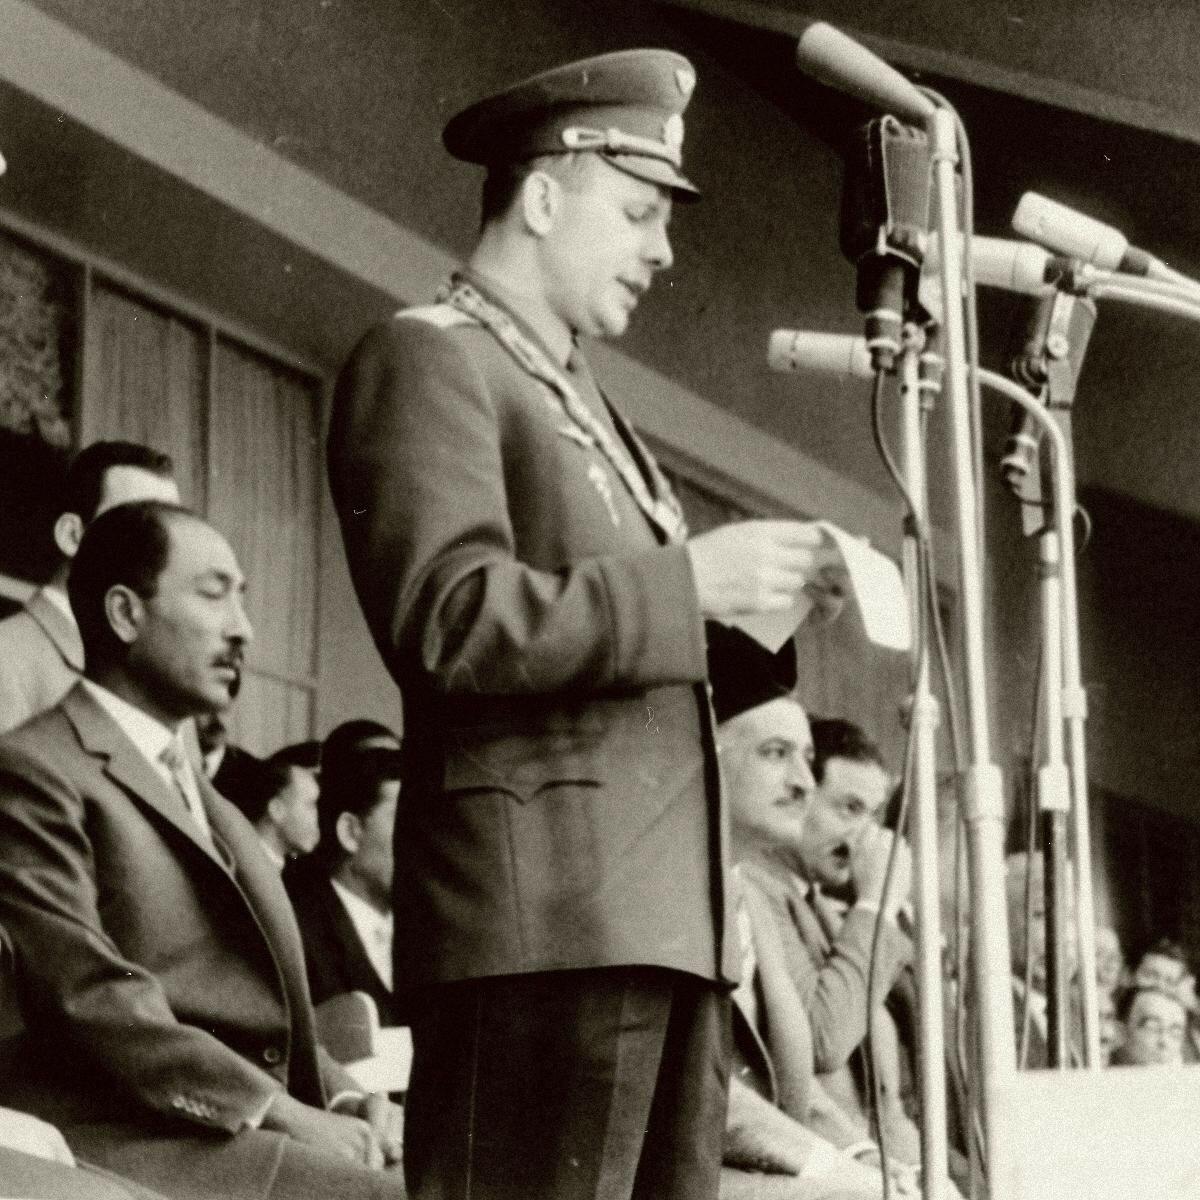 07.02. Гагарин выступает в Каирском университете. Справа президент Египта Гамаль Абдель Насер, сзади — Анвар Садат